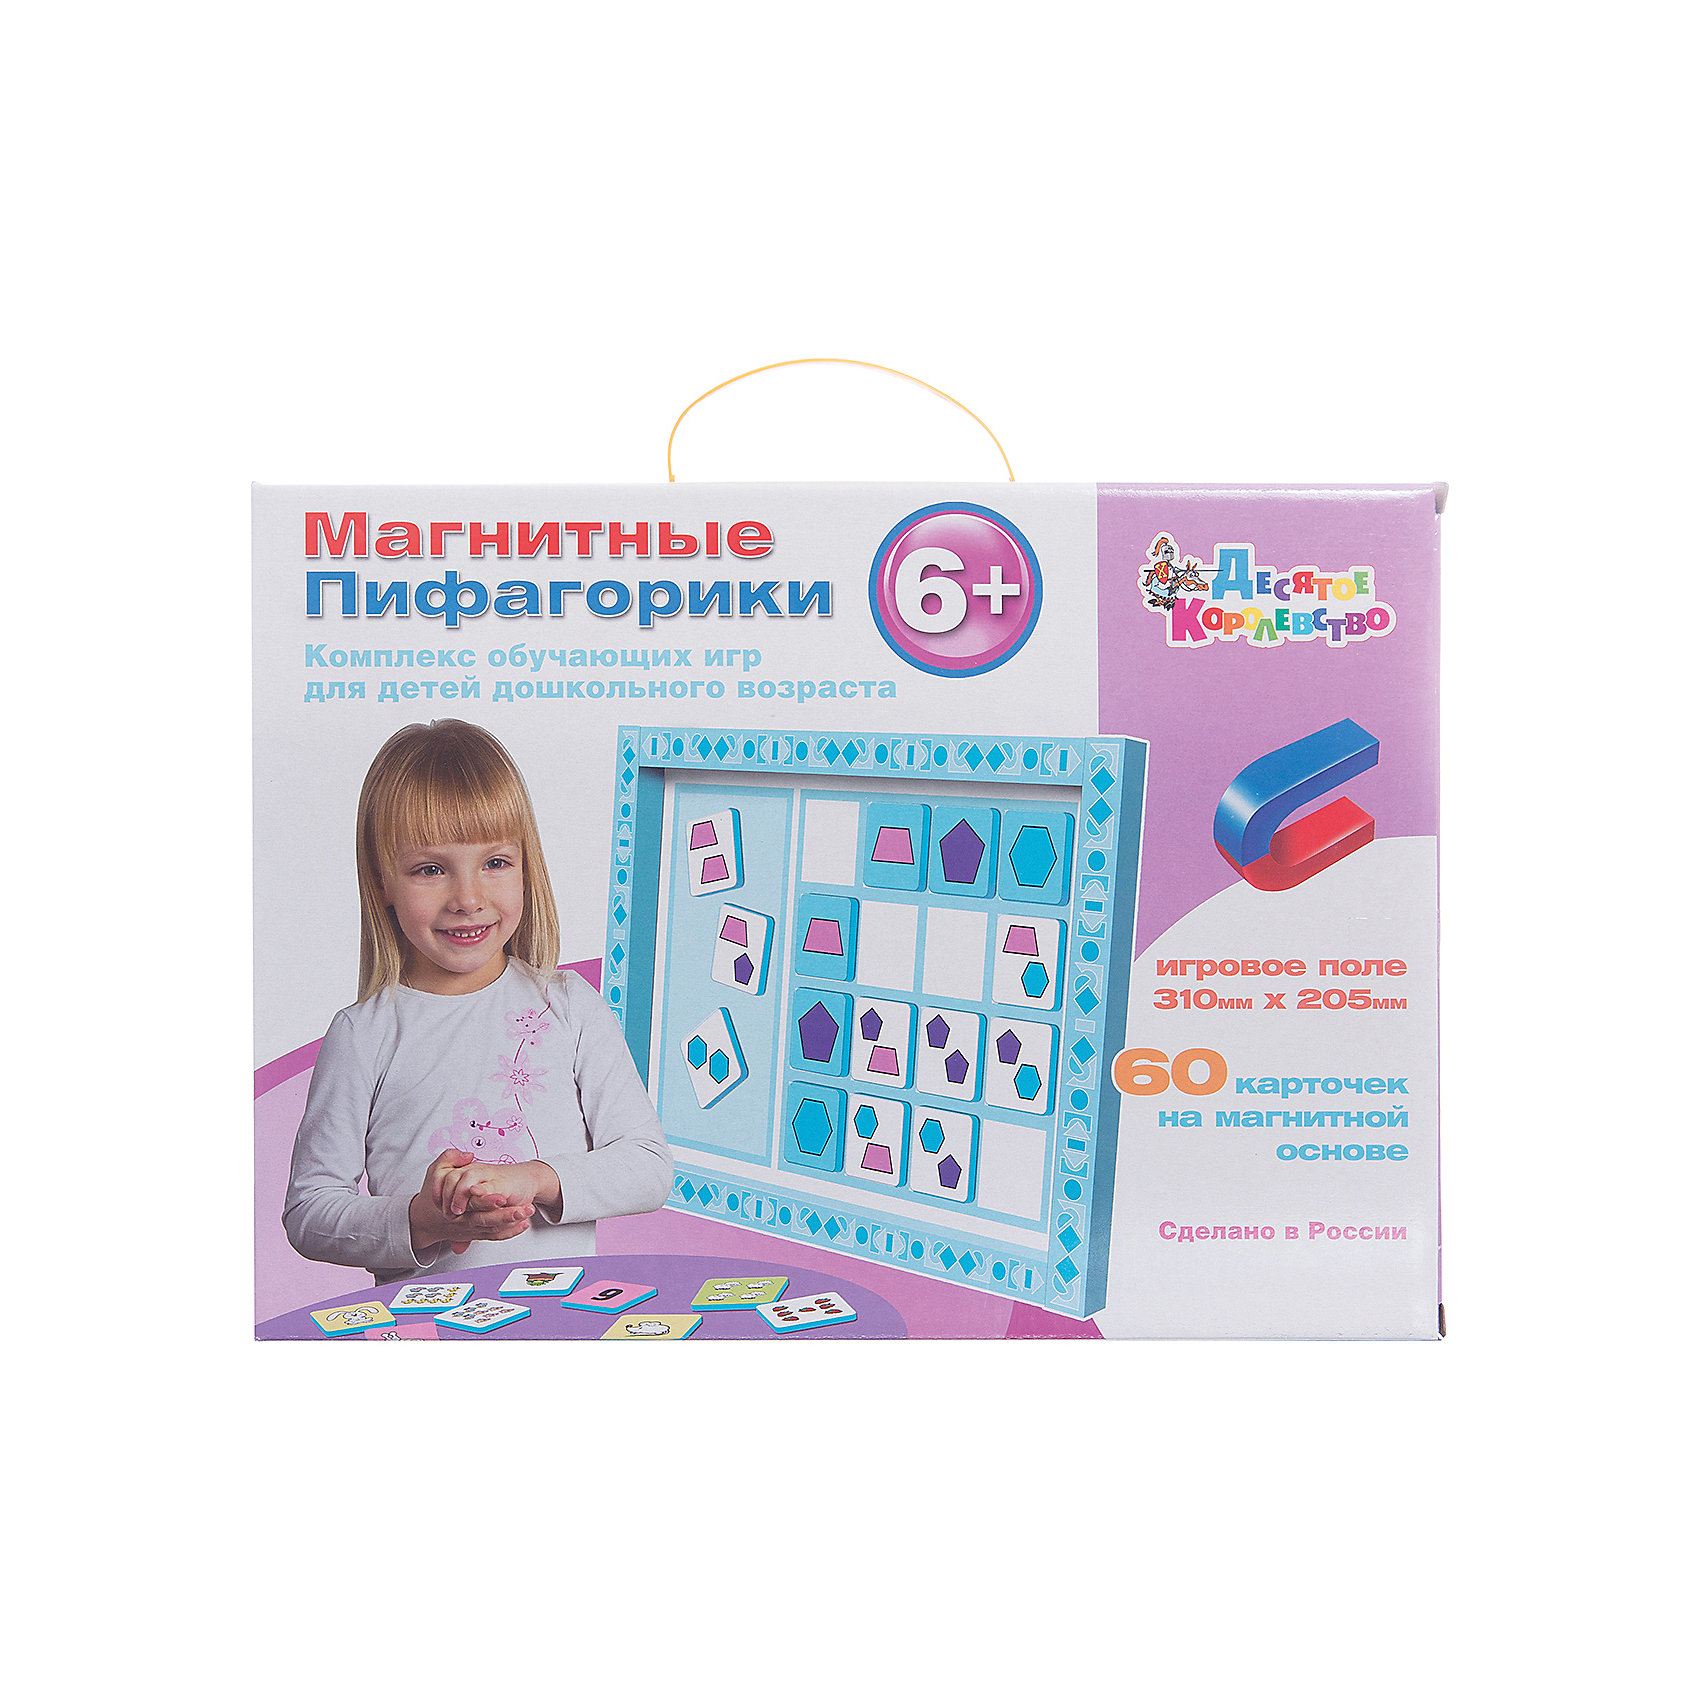 Набор Магнитные Пифагорики 6+, Десятое королевствоКарточные игры<br>Набор Магнитные Пифагорики 6+, Десятое королевство<br><br>Характеристики: <br><br>• Возраст: от 6 лет<br>• Материал: вспененный полимер, магнит, картон<br>• В комплекте: Игровое поле, 60 карточек на магнитной основе, инструкция на русском языке<br><br>Этот набор позволяет в удобной игровой форме обучить ребенка основным цветам, пониманию формы предметов и их размеров. В наборе содержится магнитное игровое поле, 60 карточек, а так же буклет с 5 вариантами игр. Наиболее эффективным набор будет, если использовать его для работы с ребенком от 6 лет. В процессе игры с приятными на ощупь карточками, малыши быстрее обучаются и схватывают материал.<br><br>Набор Магнитные Пифагорики 6+, Десятое королевство можно купить в нашем интернет-магазине.<br><br>Ширина мм: 364<br>Глубина мм: 263<br>Высота мм: 34<br>Вес г: 612<br>Возраст от месяцев: 60<br>Возраст до месяцев: 84<br>Пол: Унисекс<br>Возраст: Детский<br>SKU: 5473736